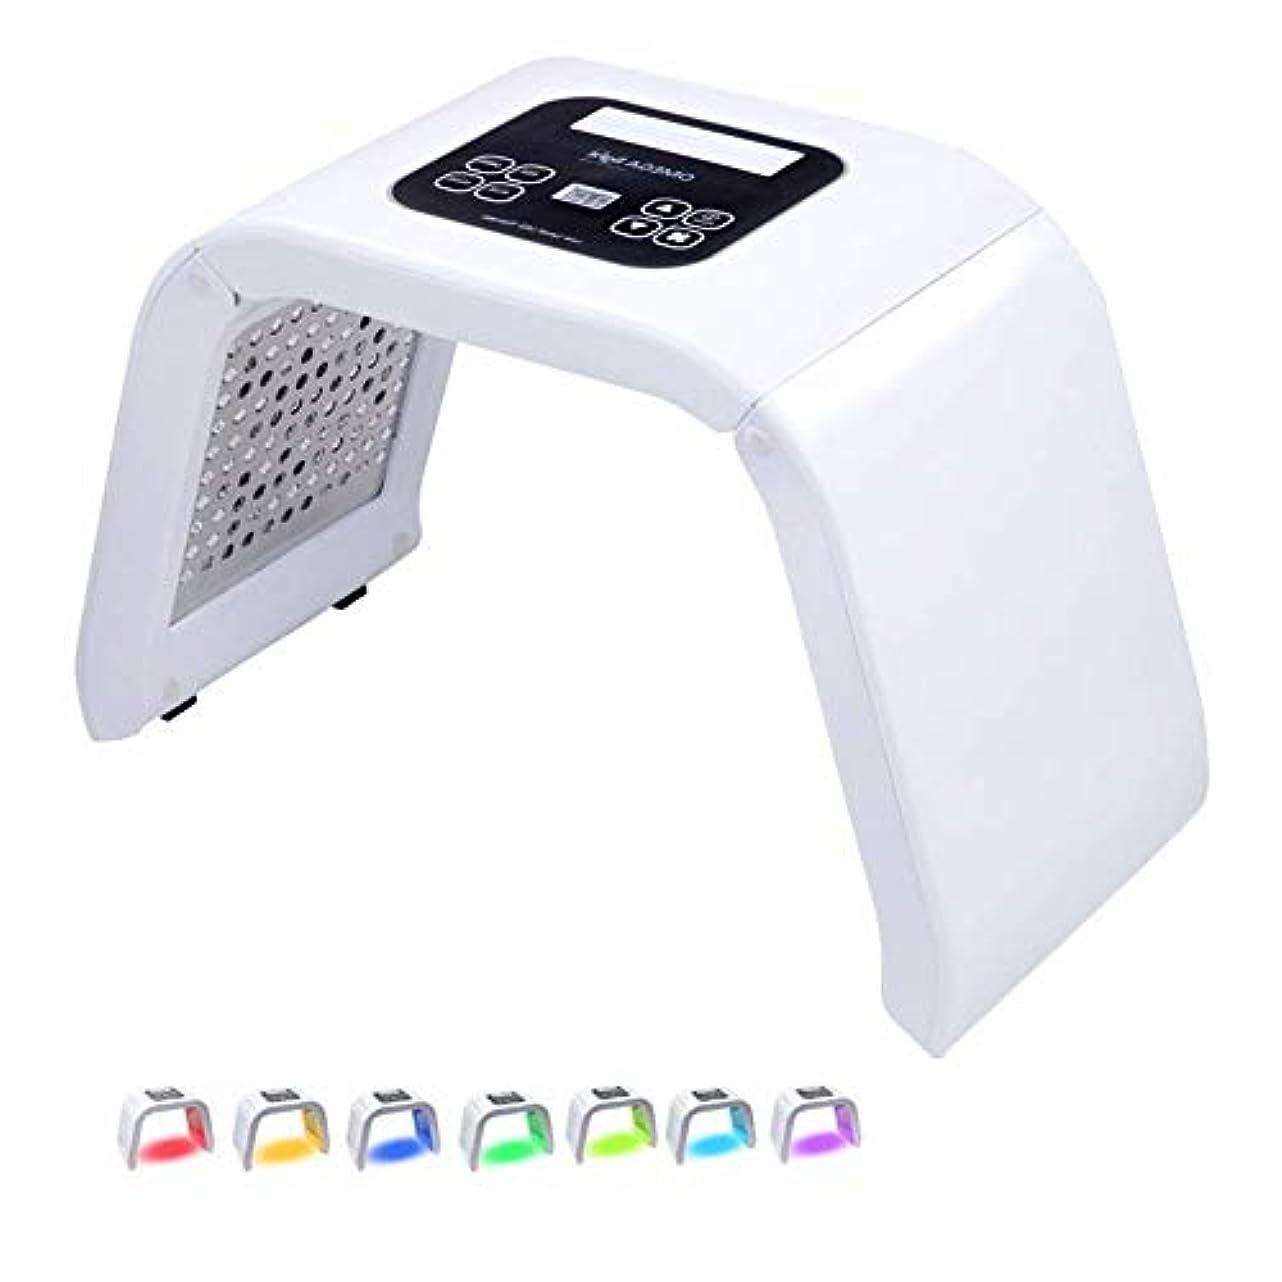 養うすでに見つけた7色顔のスキンケアデバイス美容機器電気フェイスタイトホワイトニングリフティング光線療法分光器PDT / LED